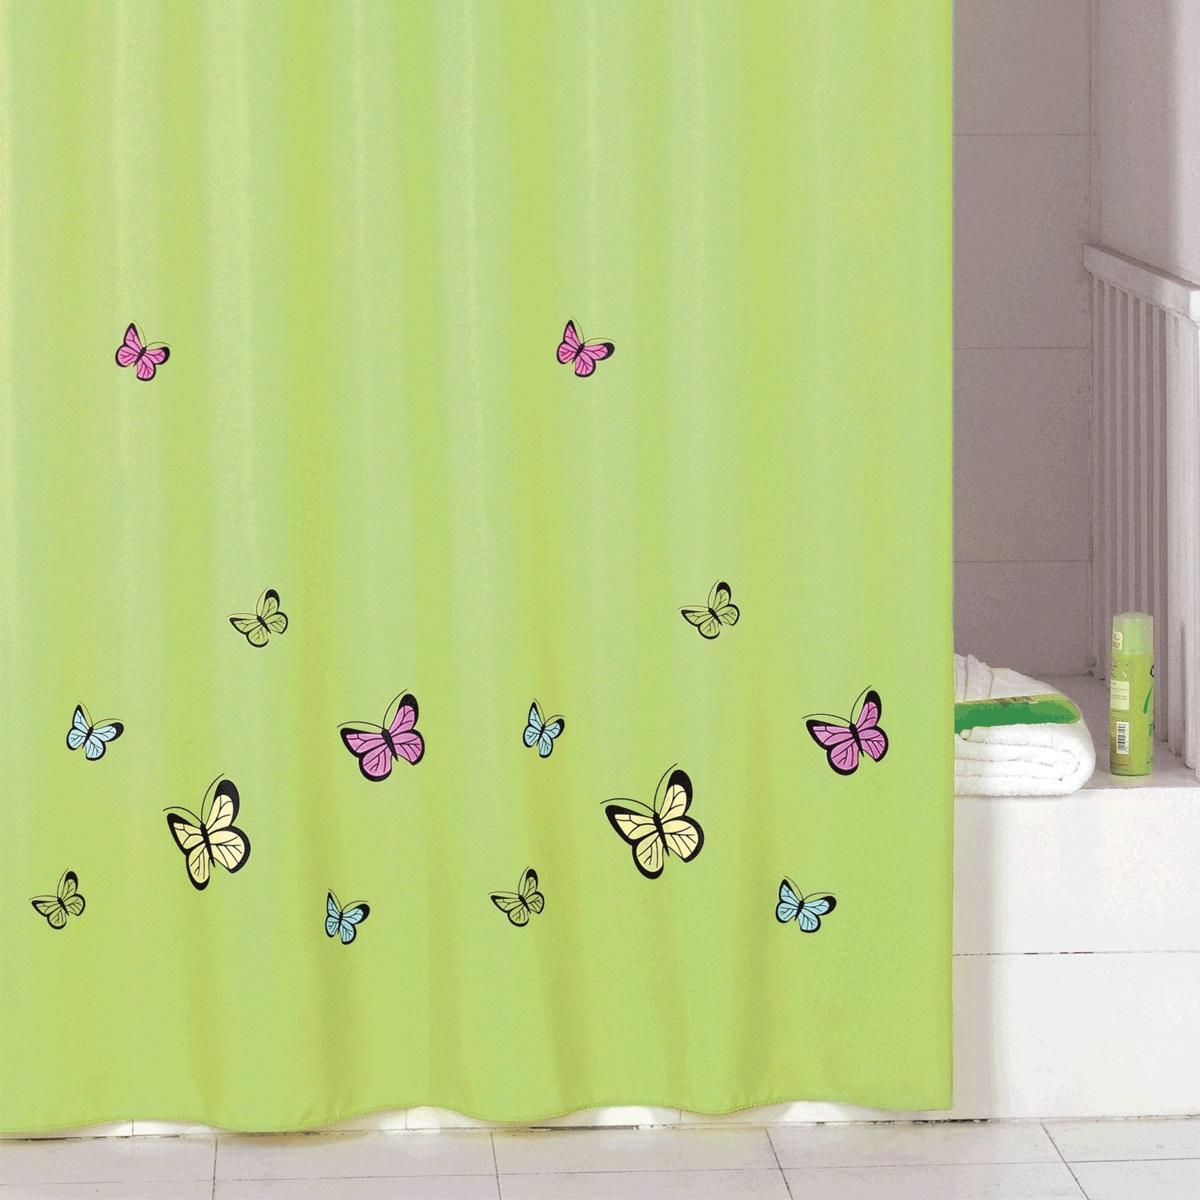 Штора для ванной Iddis Green Butterfly, цвет: зеленый, 200 x 200 см штора для ванной iddis blue butterfly цвет голубой 200 x 200 см